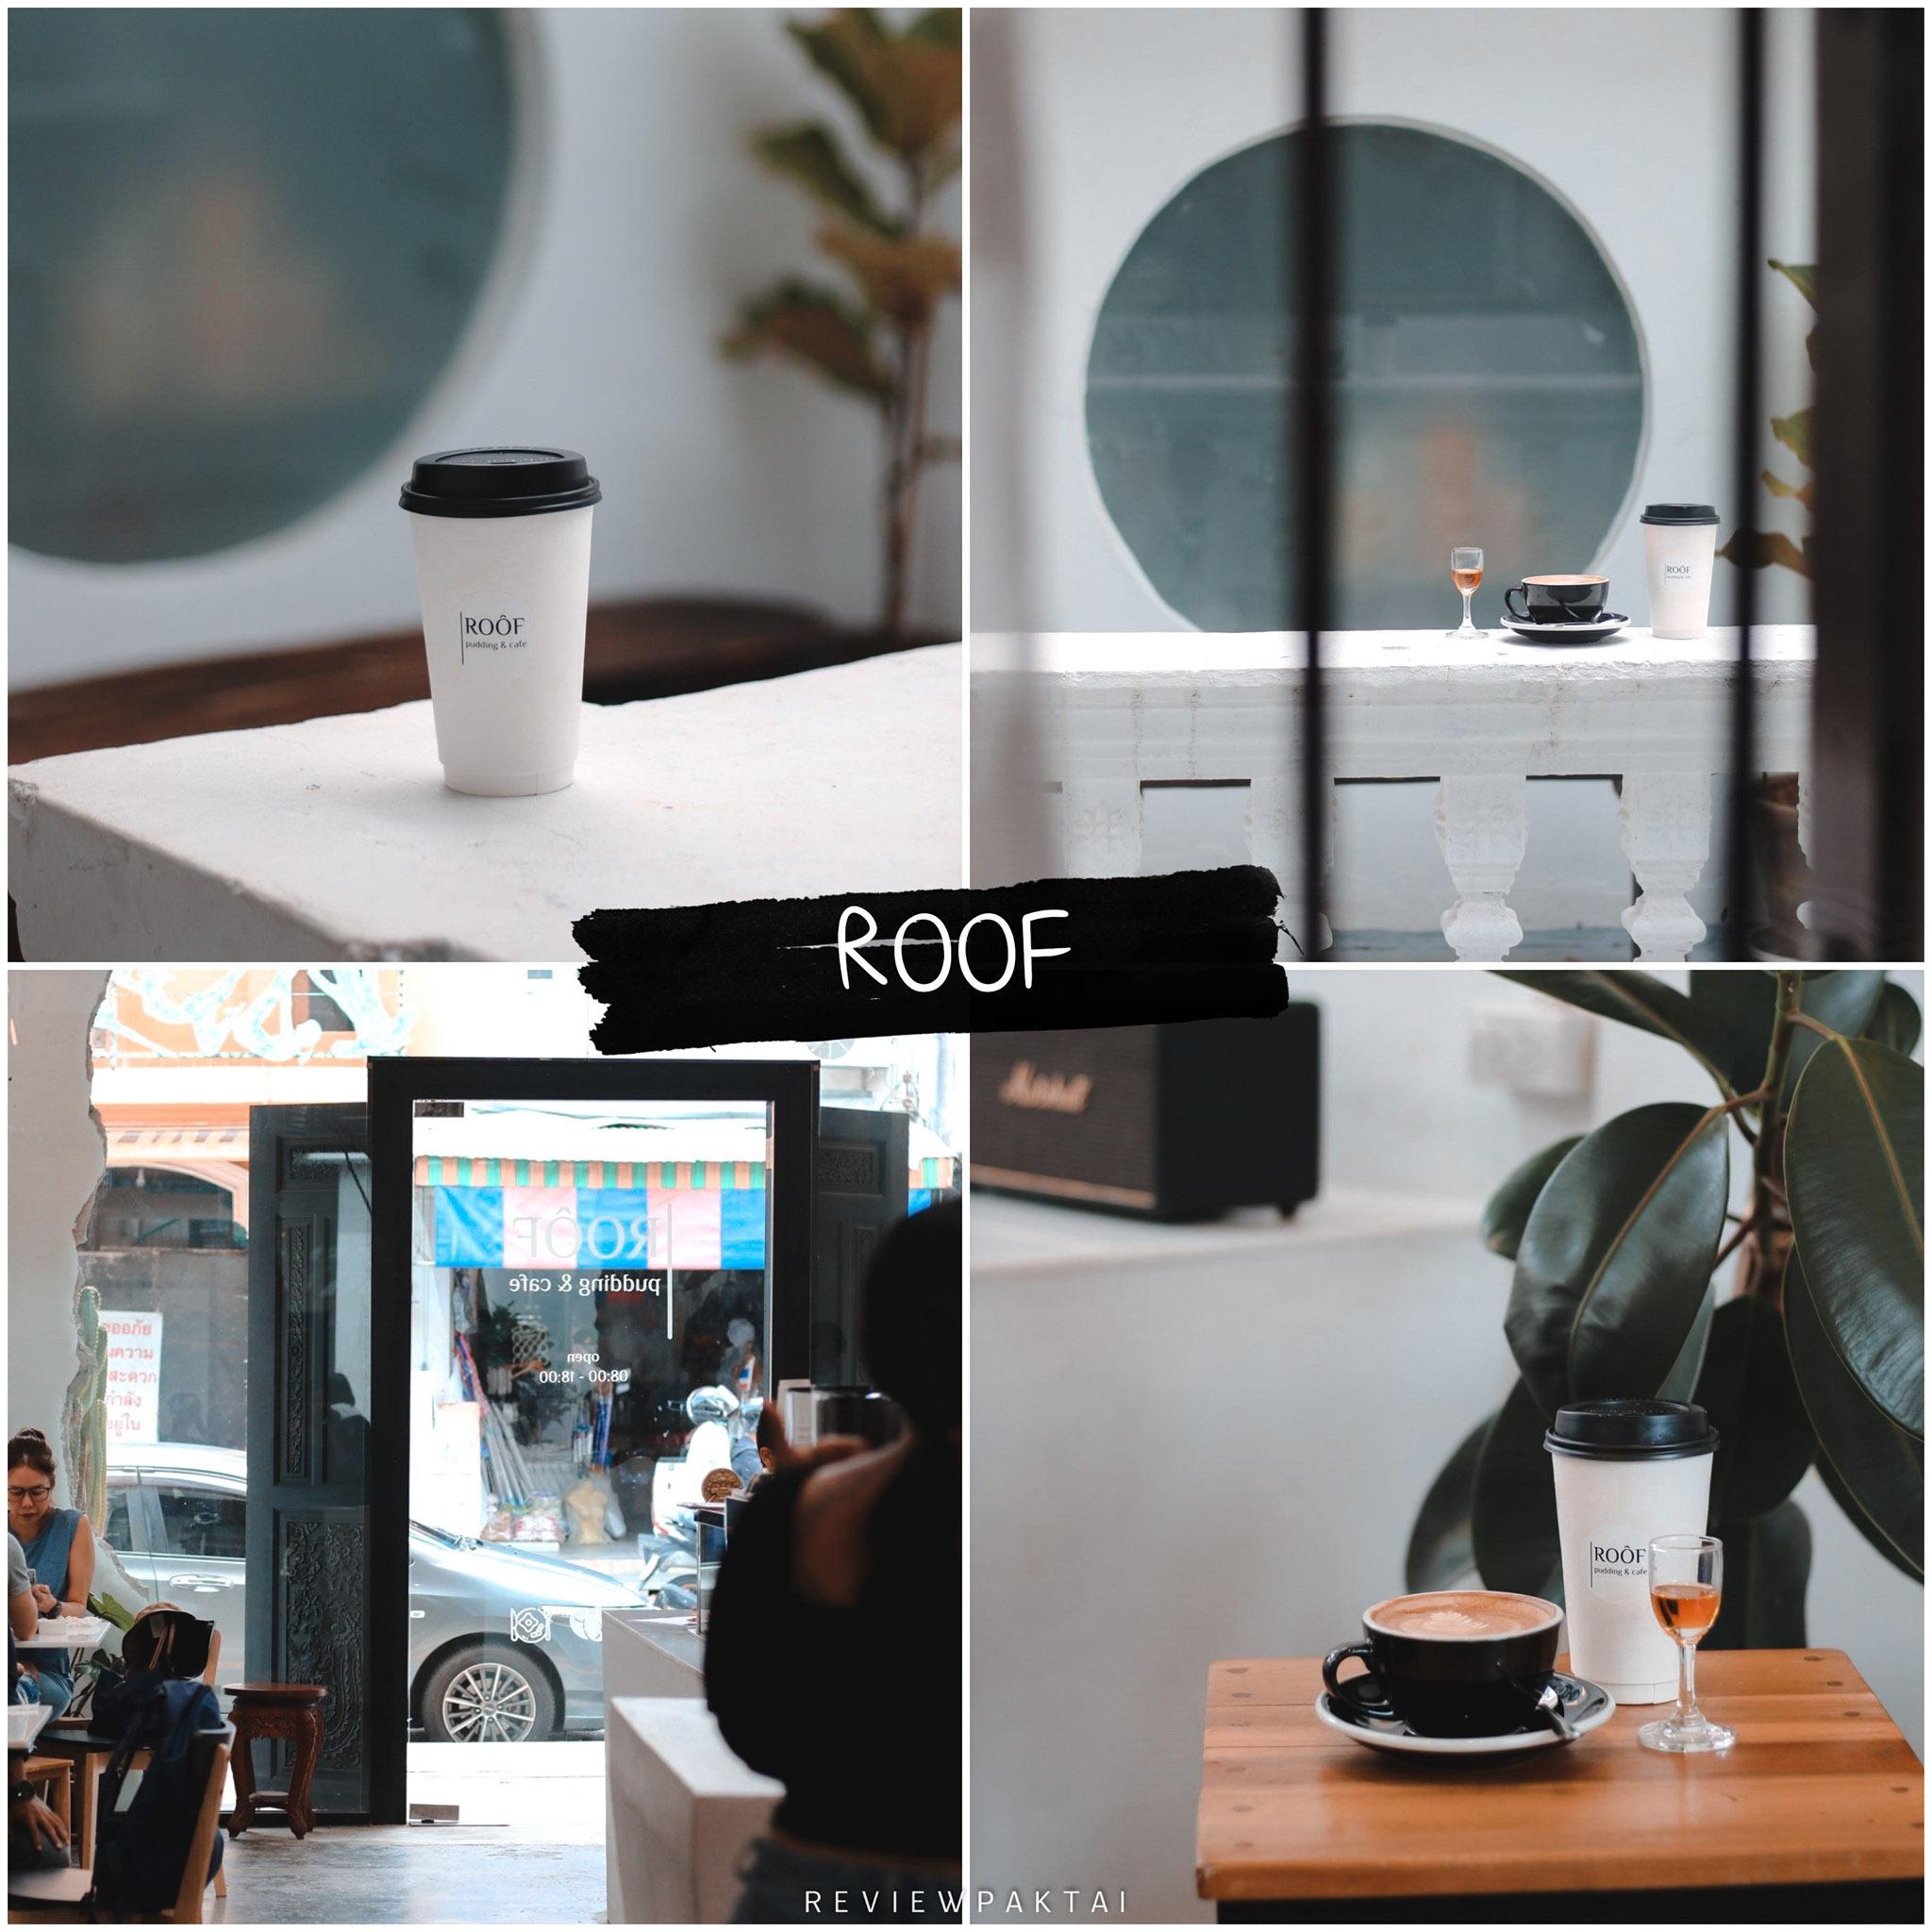 ROOF-pudding---cafe -คาเฟ่สไตล์มินิมอลเปิดใหม่ย่านเมืองเก่าภูเก็ต-อากาศดีๆกาแฟสักแก้วไหม-พลาดไม่ได้ต้องไปปักหมุดกันแล้ว-- คาเฟ่สไตล์มินิมอล-ROOF-pudding---cafe?เปิดใหม่ย่านเมืองเก่าภูเก็ต-ร้านกาแฟ-เครื่องดื่ม-และของหวาน-ถนนชุมชนเก่าอร่อย-ราคาไม่แพงแต่ในร้านนั่งสบายๆ-มุมสวยๆ-ชอบการตกแต่งที่เรียบง่ายแต่สวยงาม-เมนูของร้านมีทั้งกาแฟ-ชา-อิตาเลี่ยนโซดา-และพุดดิ้งเมนู-ซึ่งเป็นเมนู-signature-ของทางร้าน-ร้านมีจุดถ่ายรูปหลายที่-และมีด้านบน-นั่งทำงานเงียบๆ-แอร์เย็นๆครับ-ชอบกระจกบานใหญ่ที่พอมาตกแต่งกับกำแพงเก่าโชว์ความดิบของอิฐ-ลงตัว-สวยงาม-และ-ทำให้ร้านดูโปร่ง- ภูเก็ต,คาเฟ่,ที่เที่ยว,ร้านกาแฟ,เด็ด,อร่อย,ต้องลอง